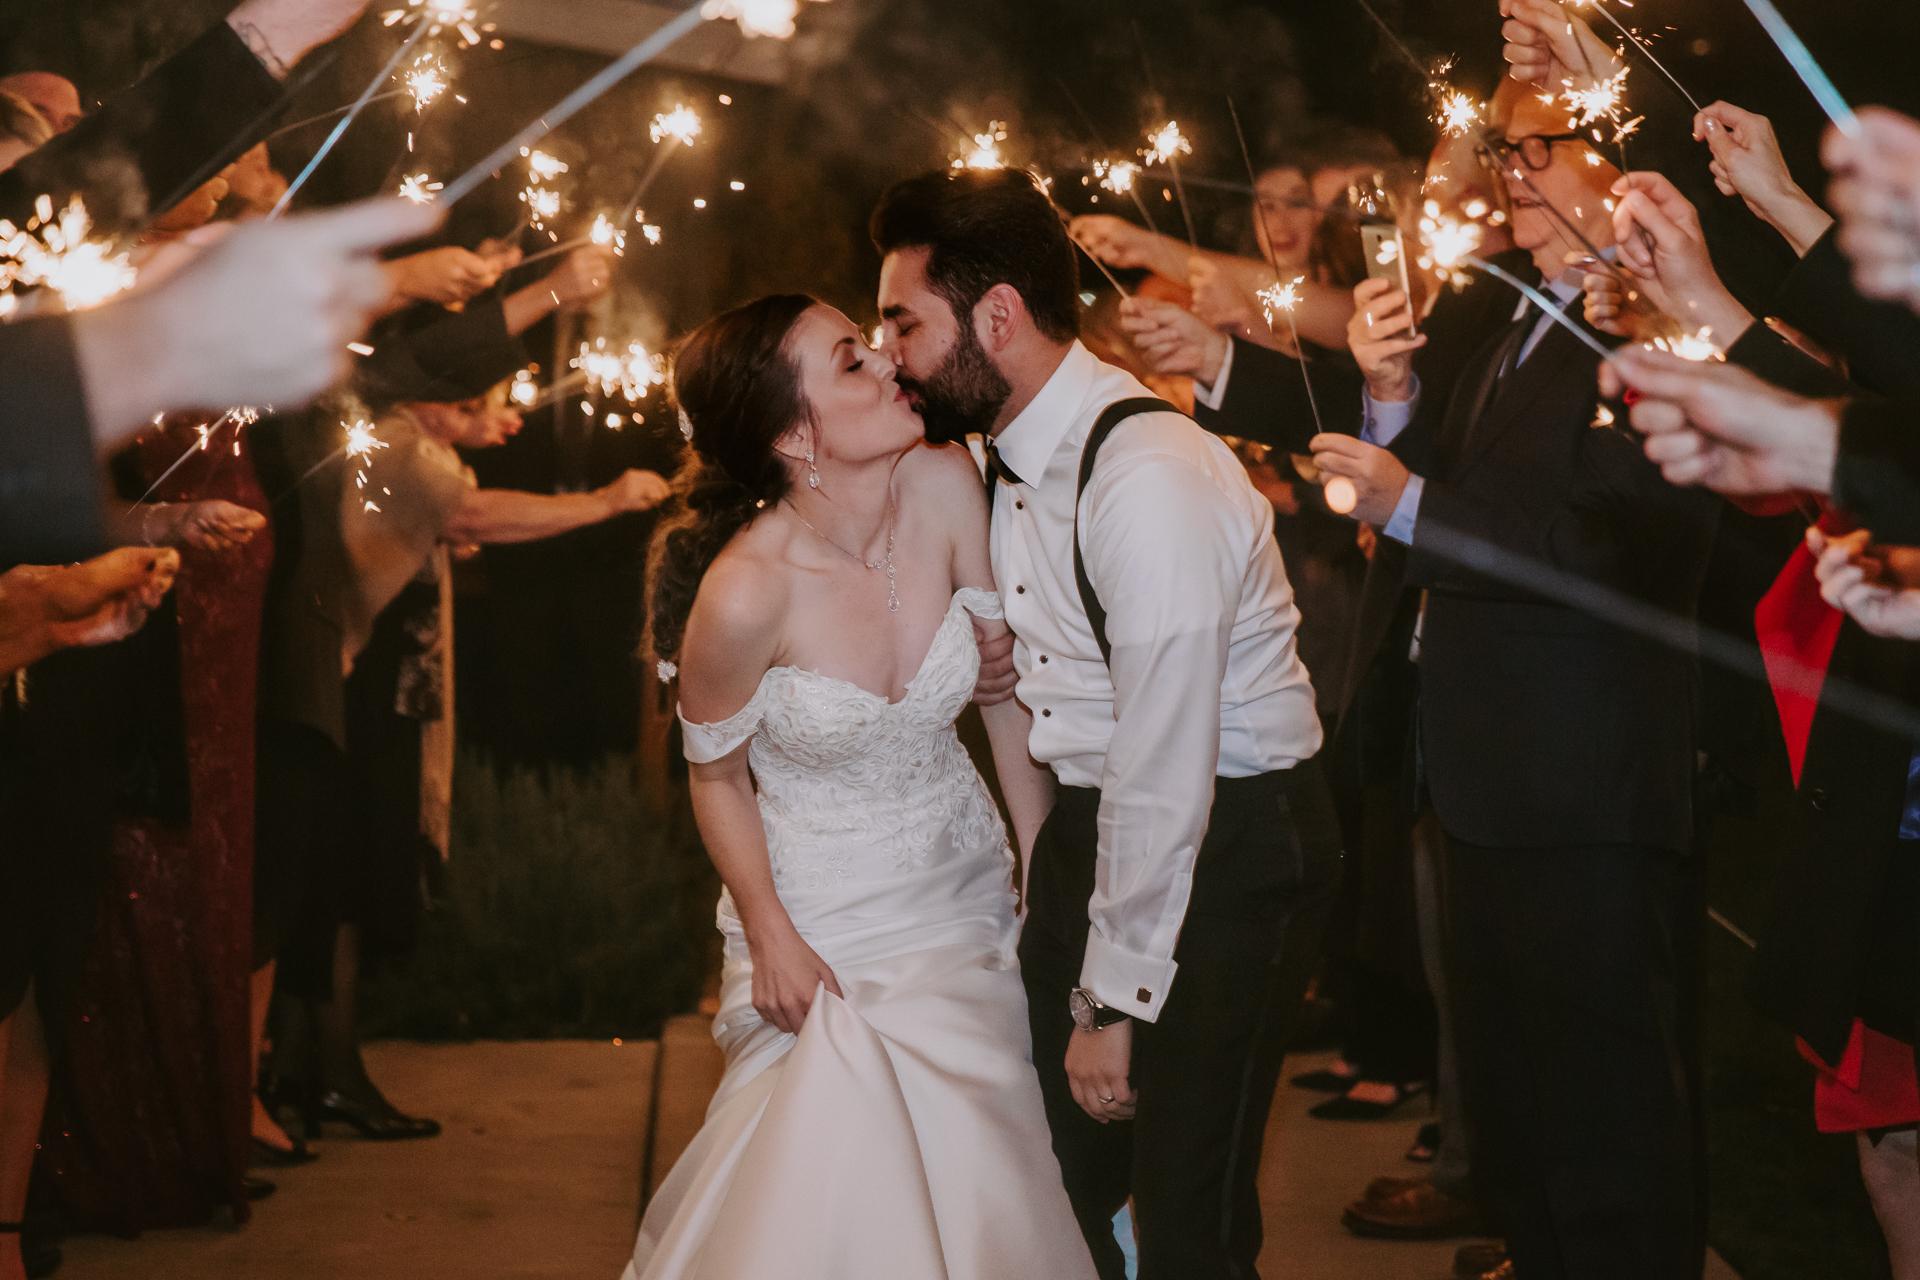 celine_luis_wedding-8128.jpg